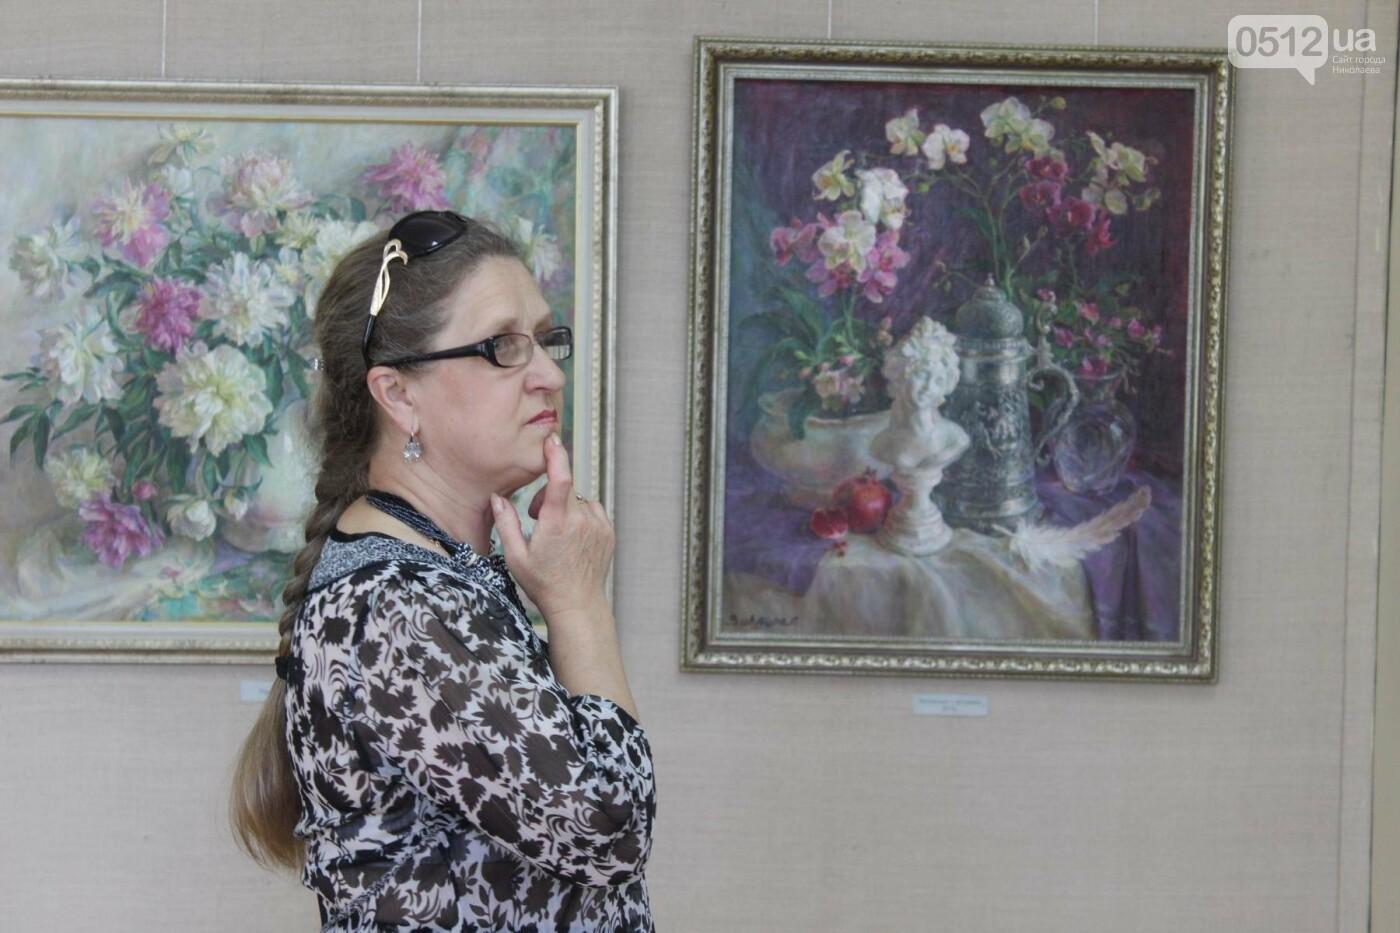 Николаевская художница Светлана Завтура презентовала свою юбилейную выставку, - ФОТО, фото-8